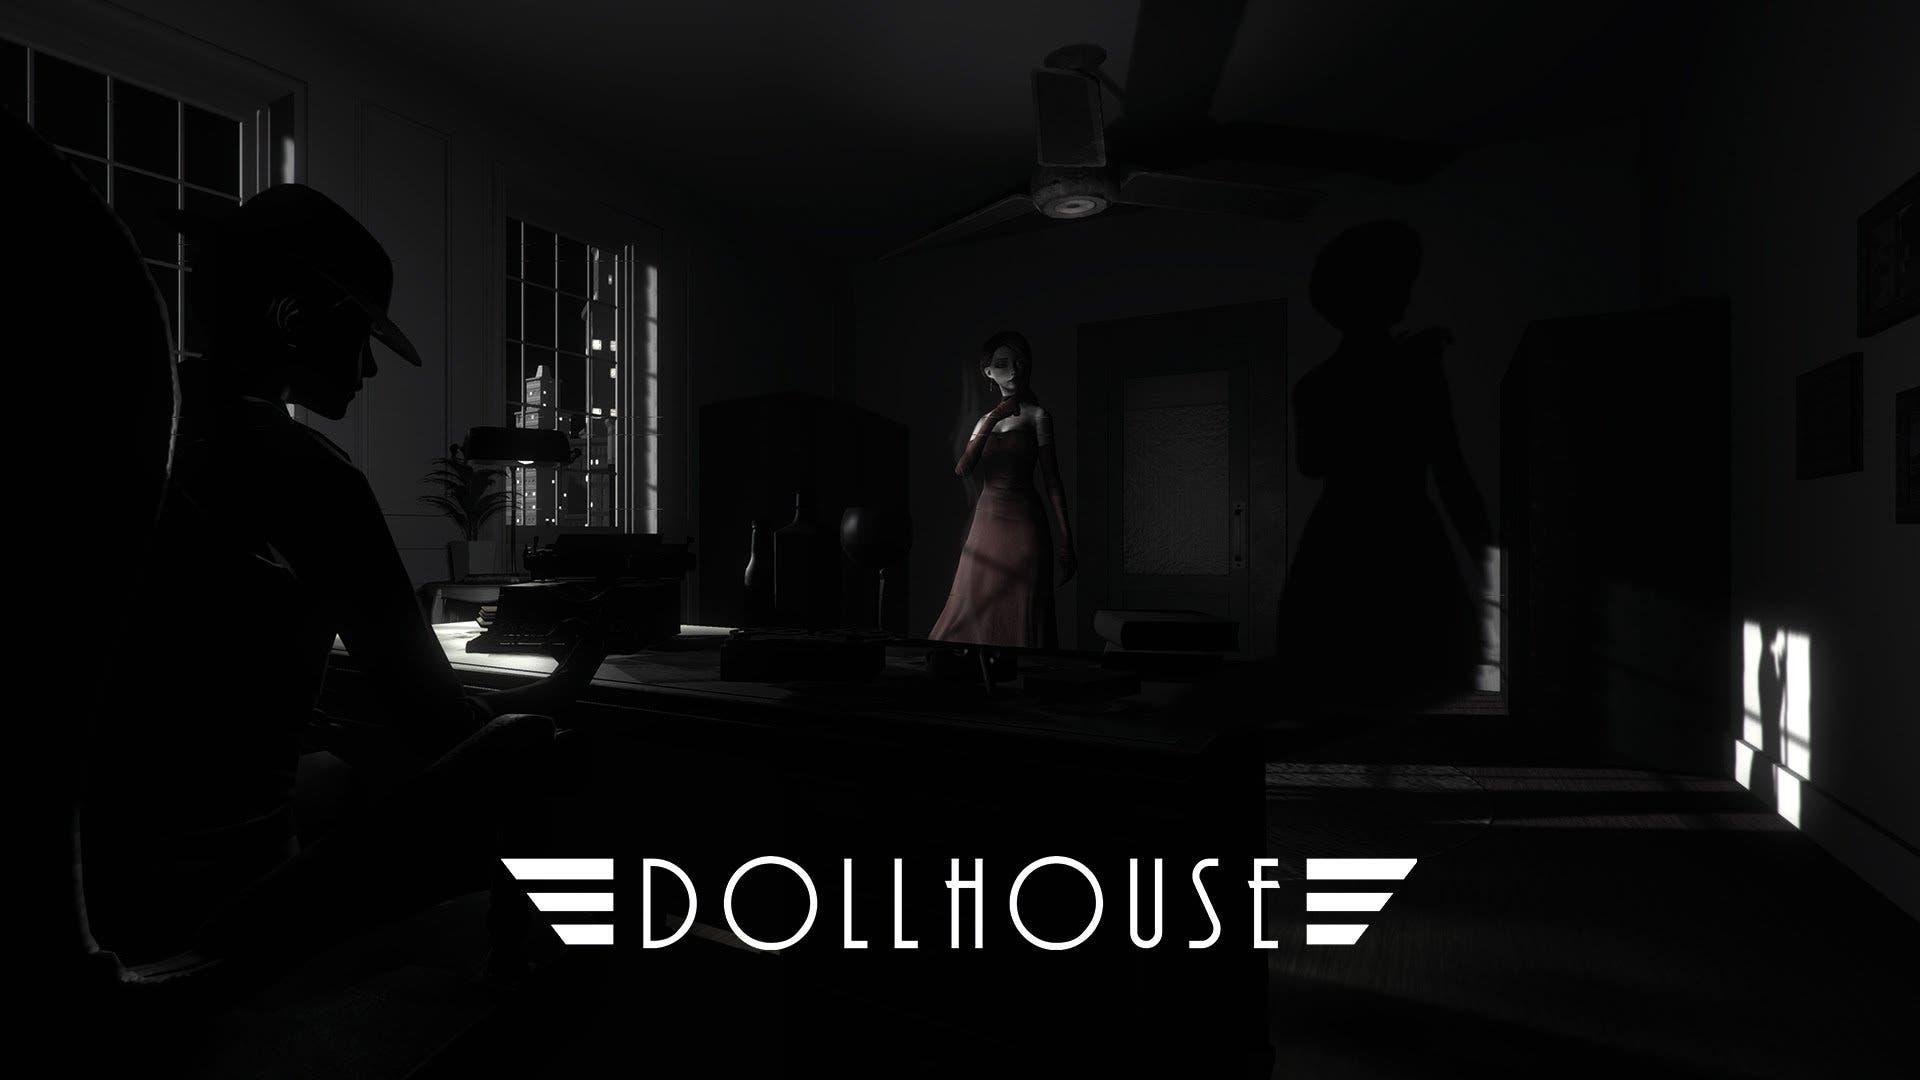 Imagen de Dollhouse, un título de terror para PlayStation 4 y PC